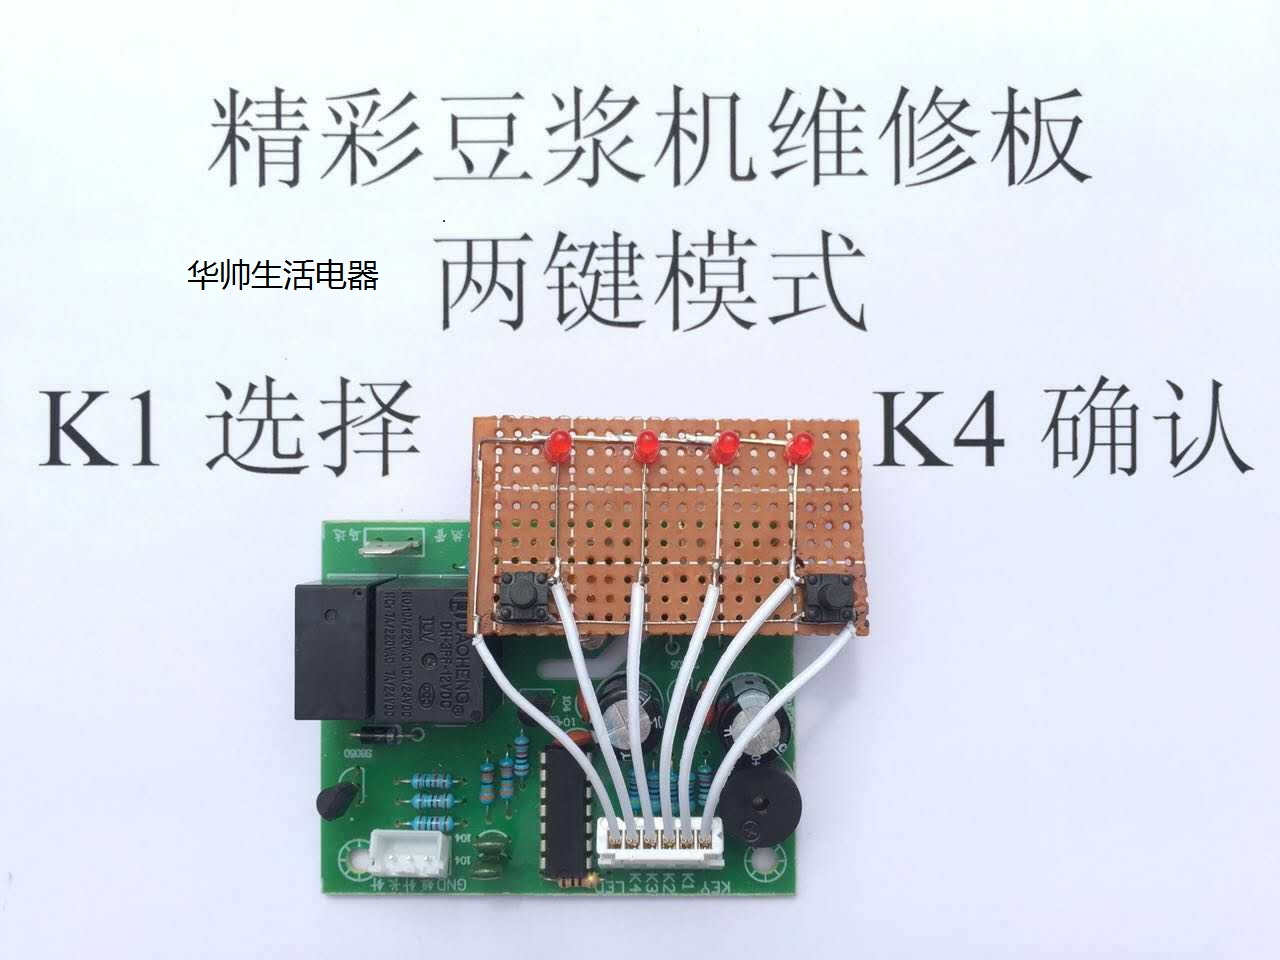 豆浆机主板万能板电脑板配件控制维修板改装版通用精彩科技